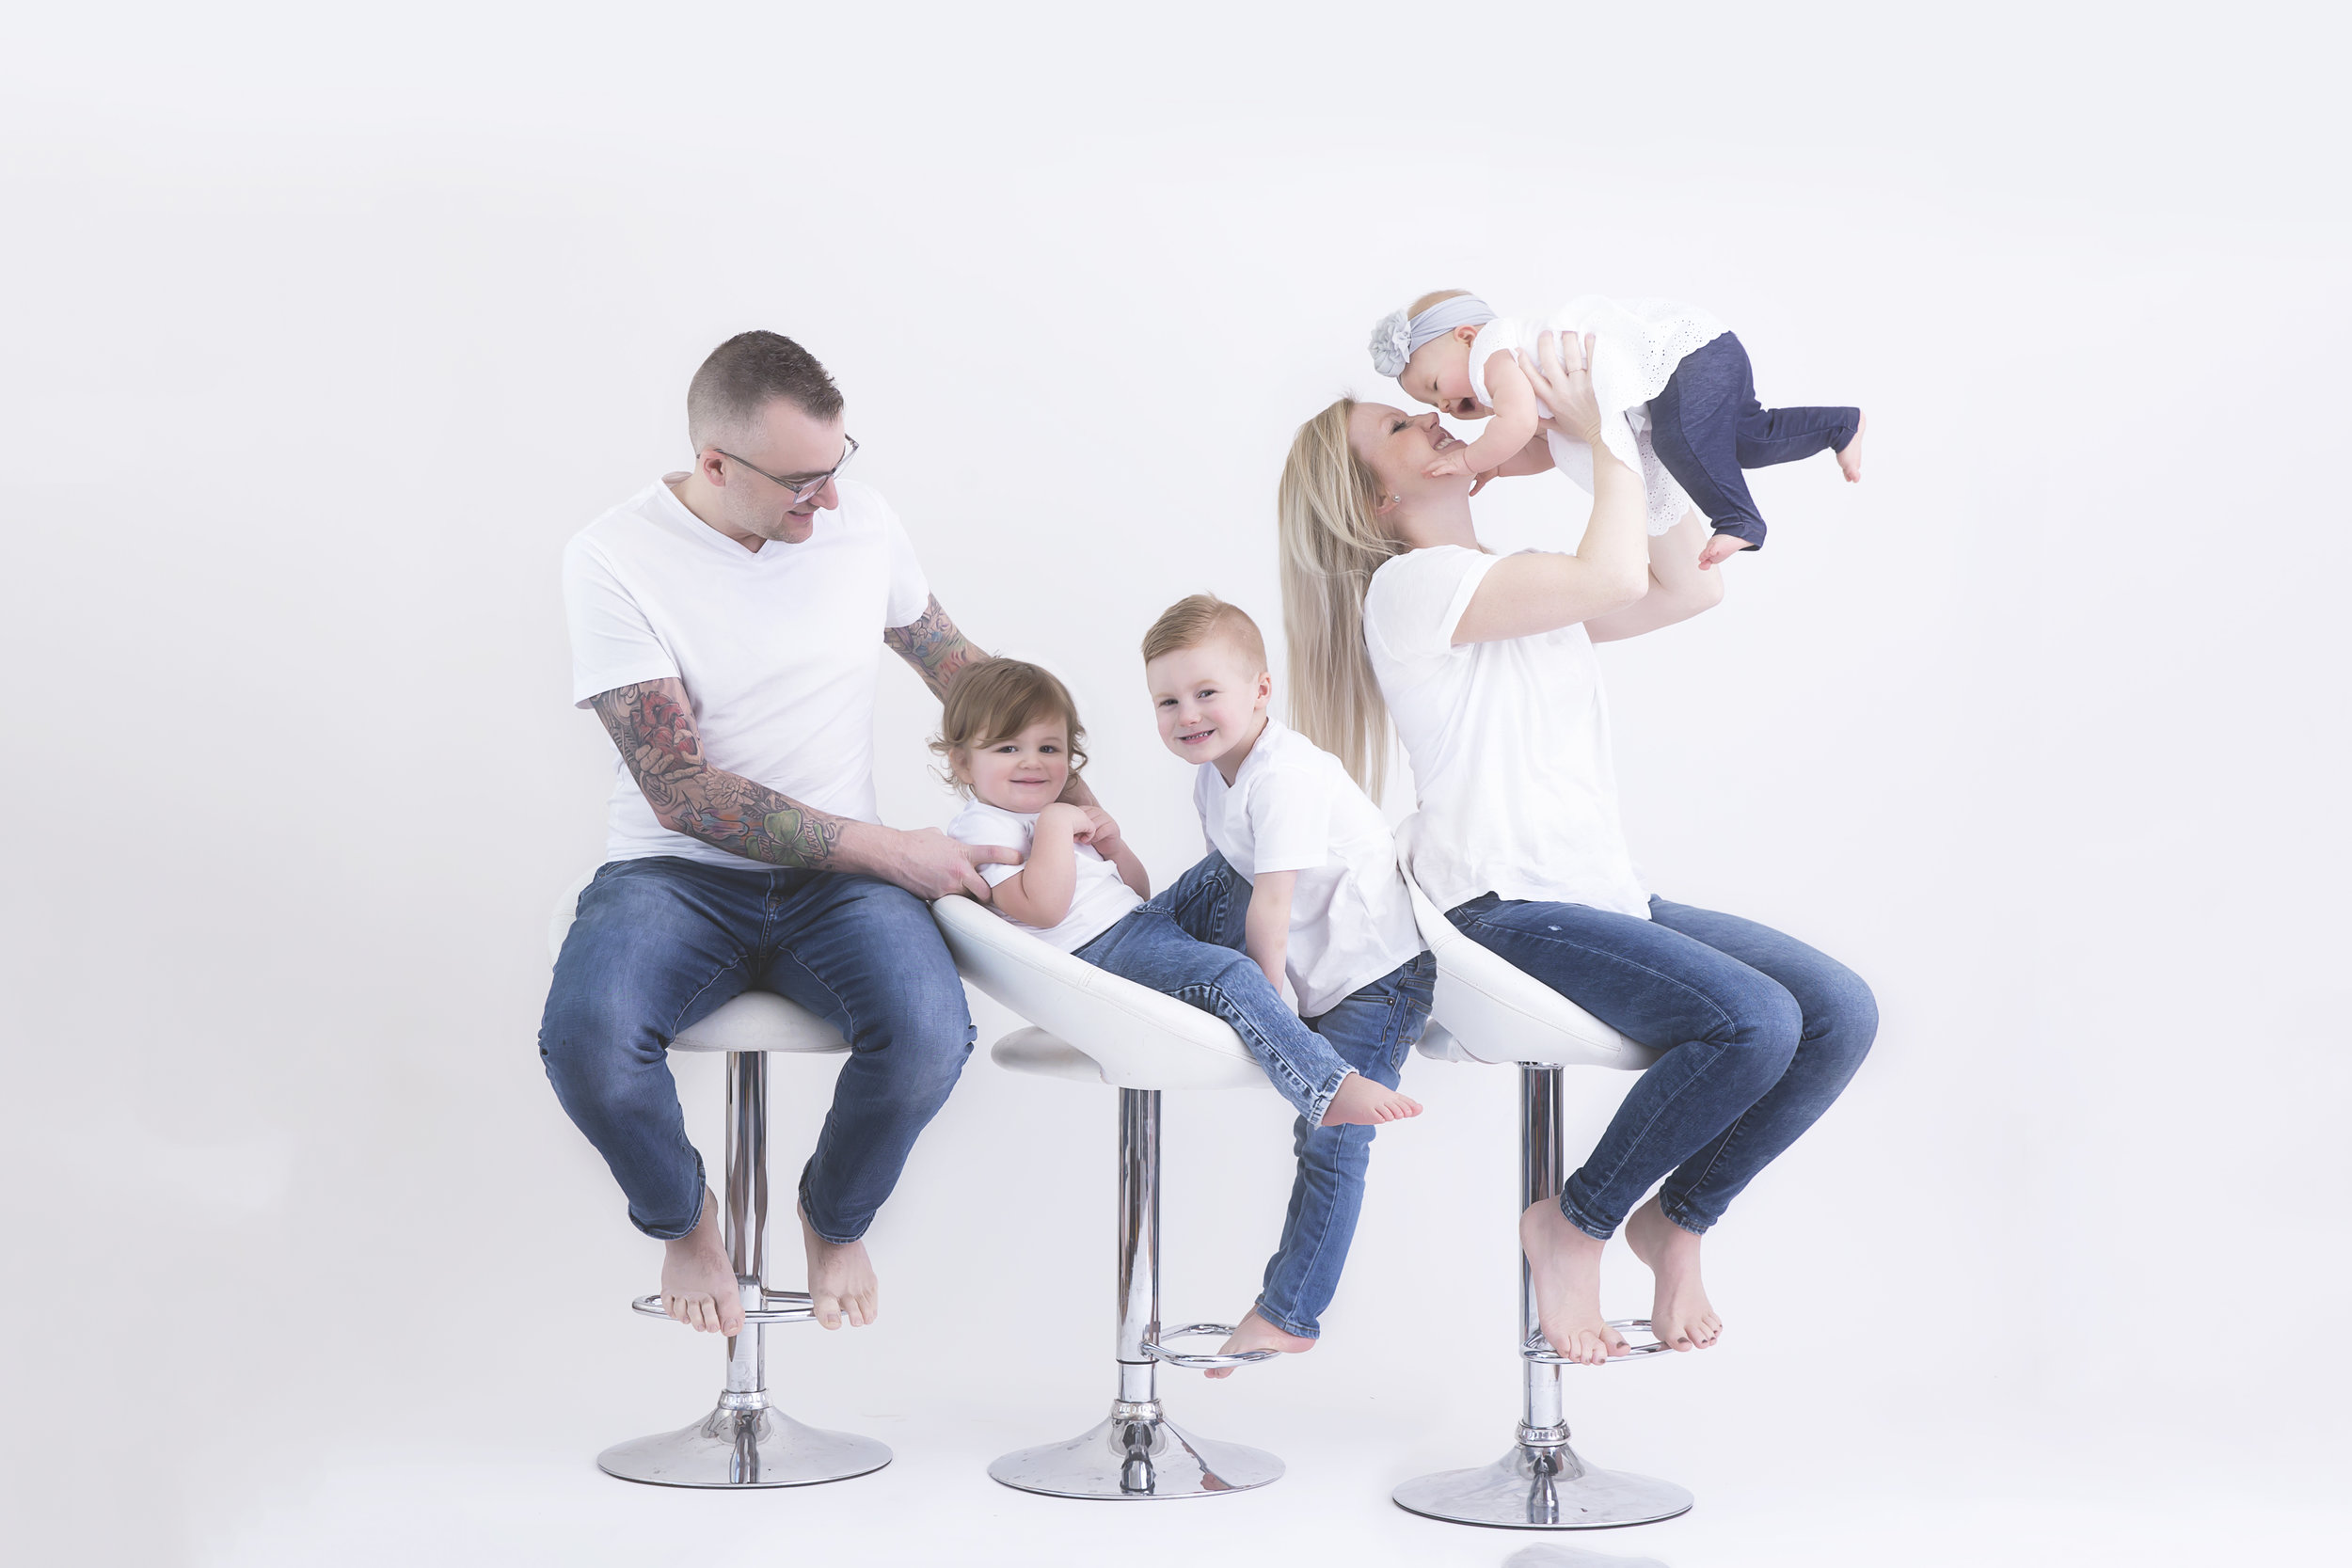 buffalo ny family photo studio